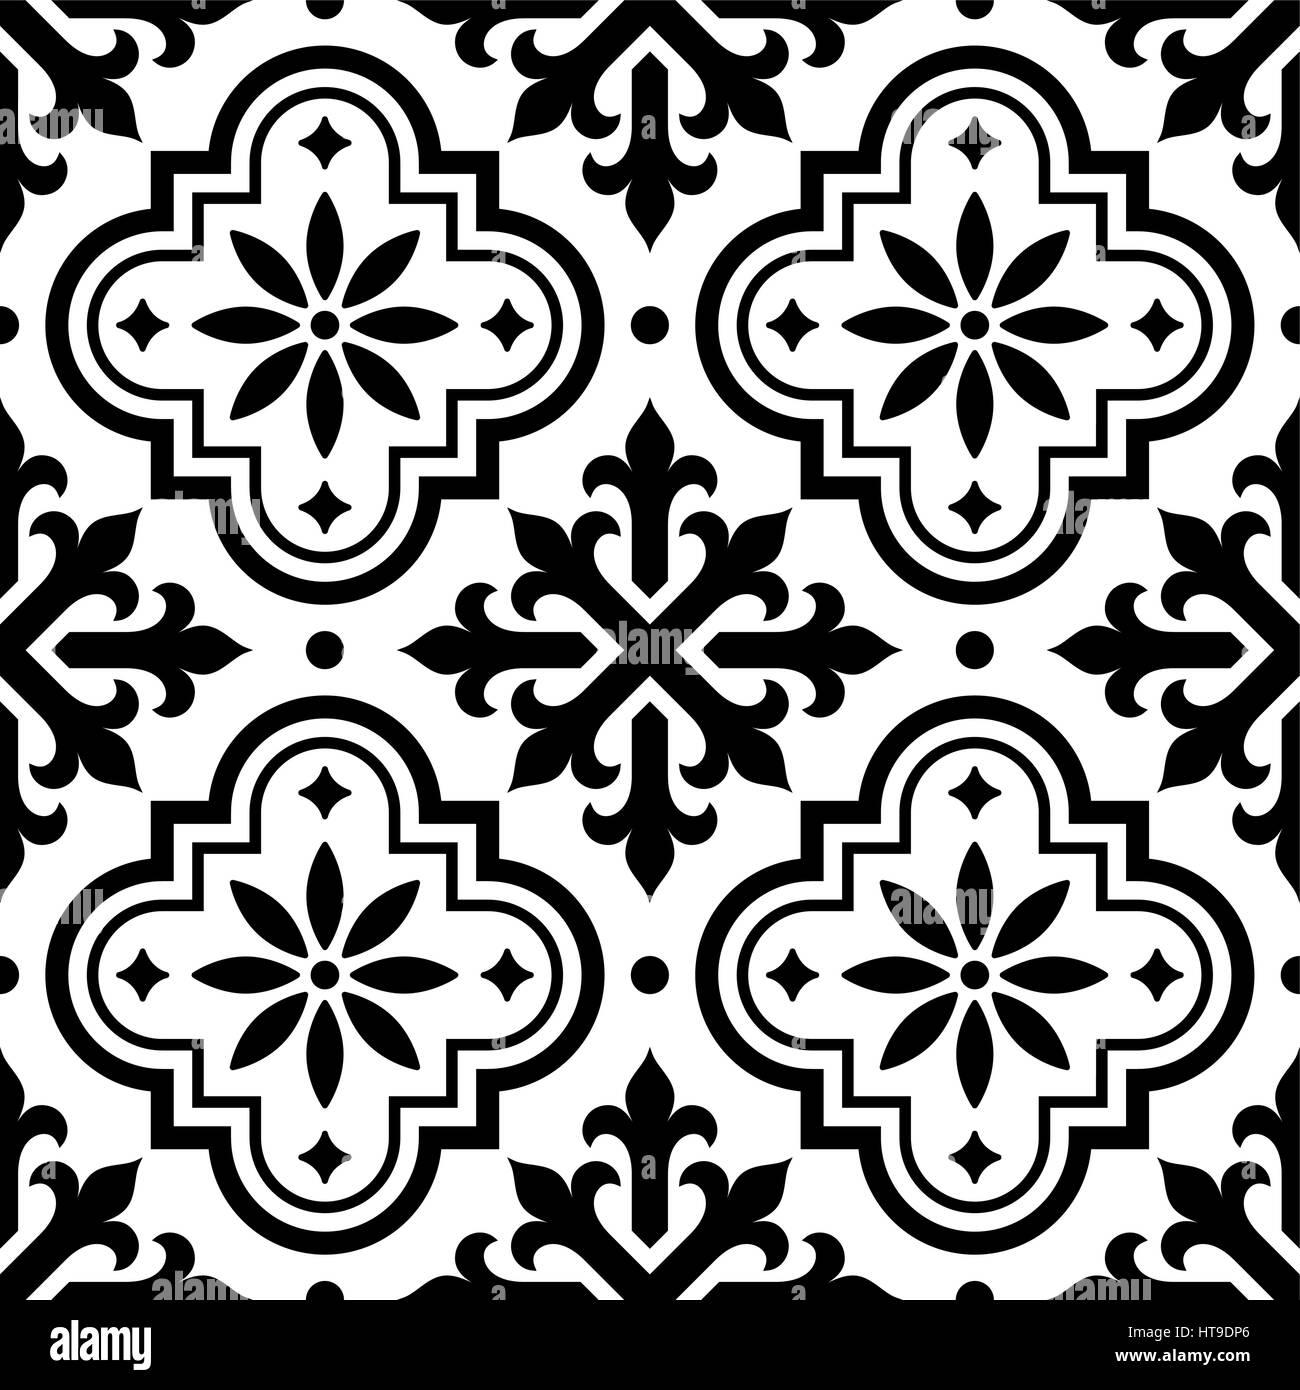 spanische fliese muster marokkanischen fliesen design nahtlose schwarz wei en hintergrund. Black Bedroom Furniture Sets. Home Design Ideas